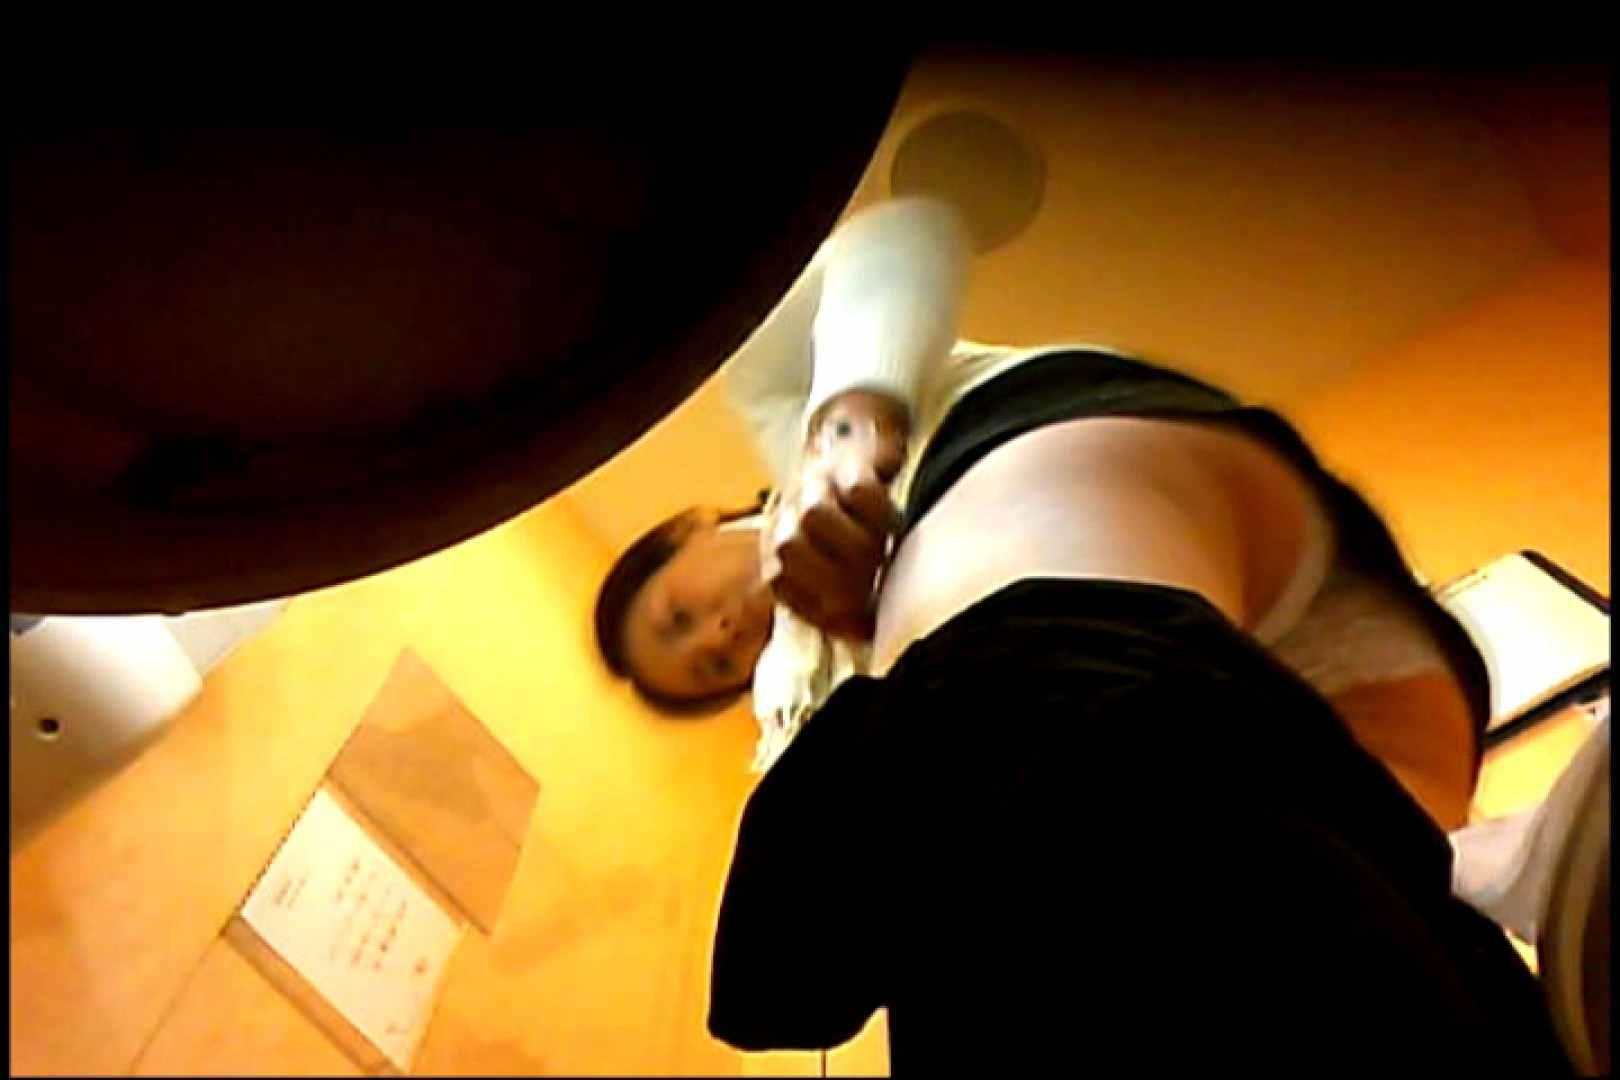 マダムが集まるデパートお手洗い Vol.11 盛合せ ワレメ動画紹介 35画像 32